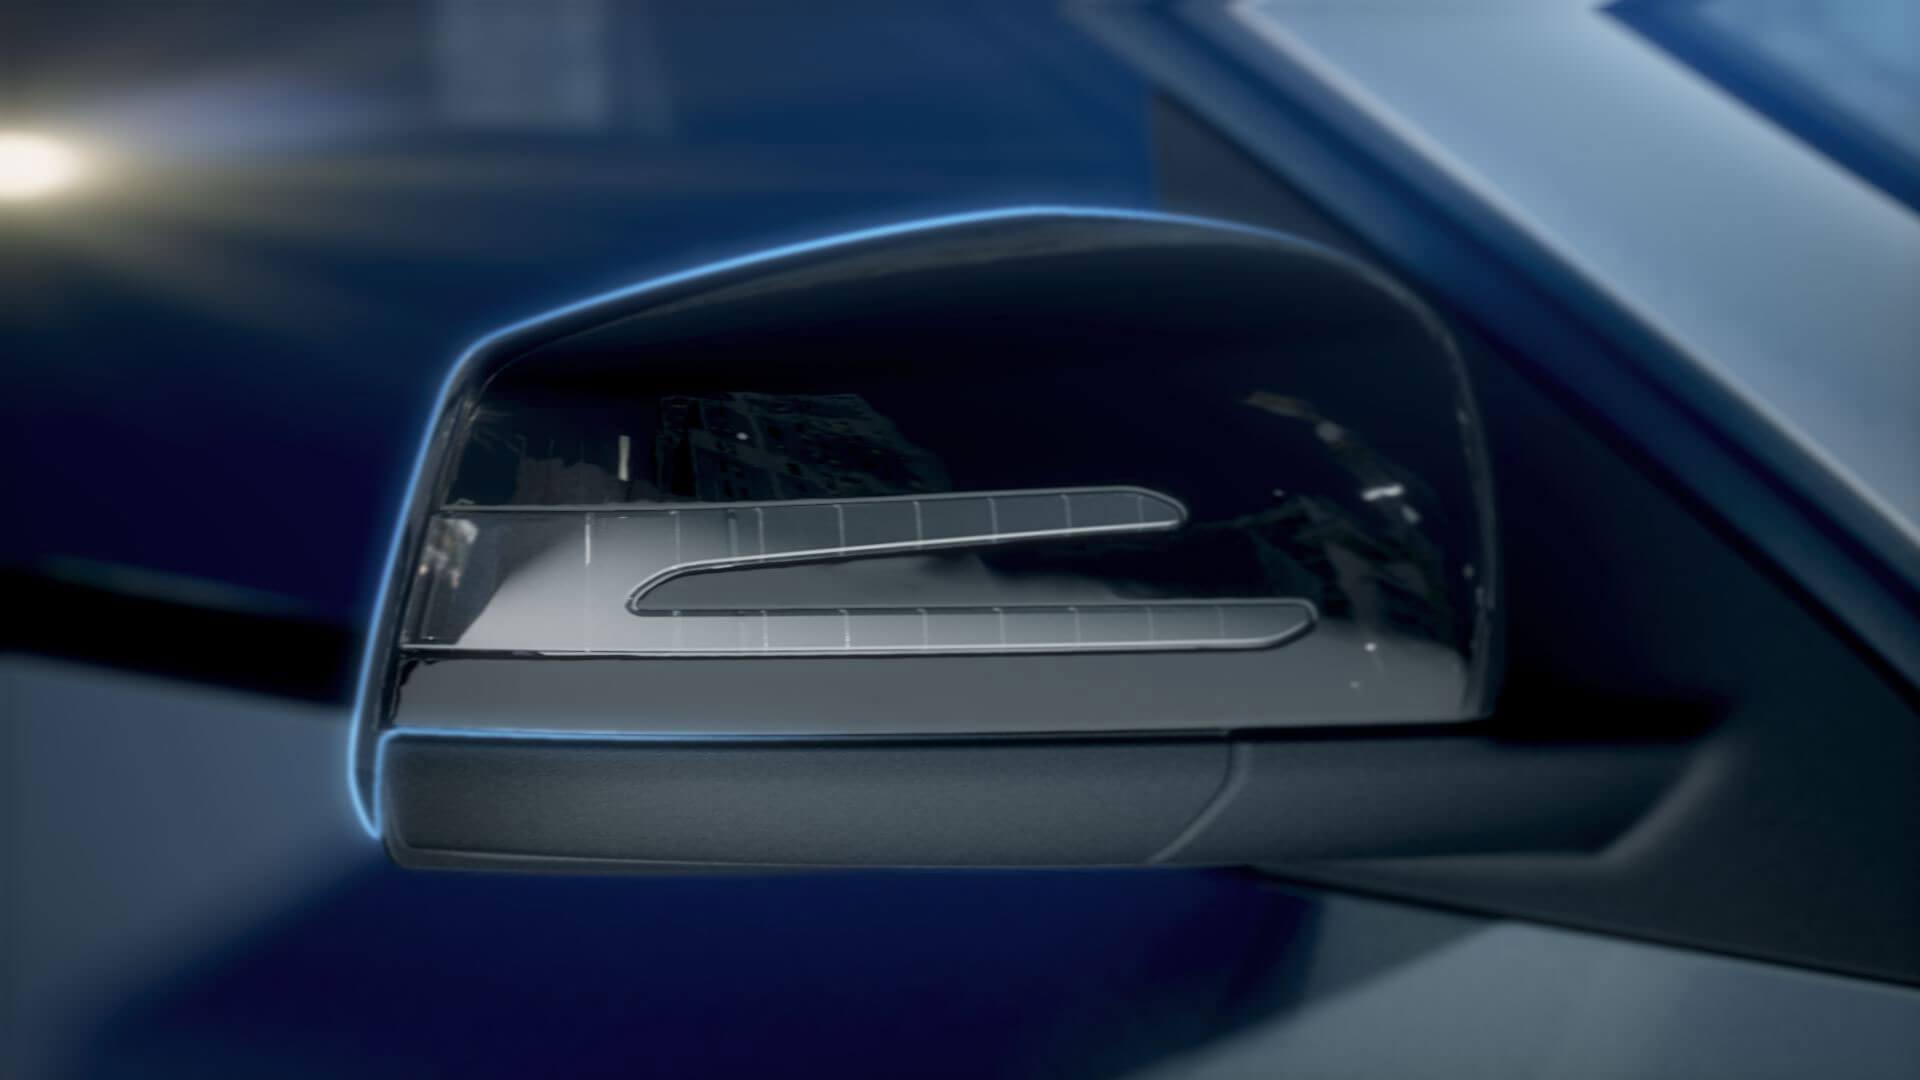 Das moderne Zubehör der Mercedes-Benz A-Klasse wird in dem von Polychrom produzierten Webclip präsentiert.